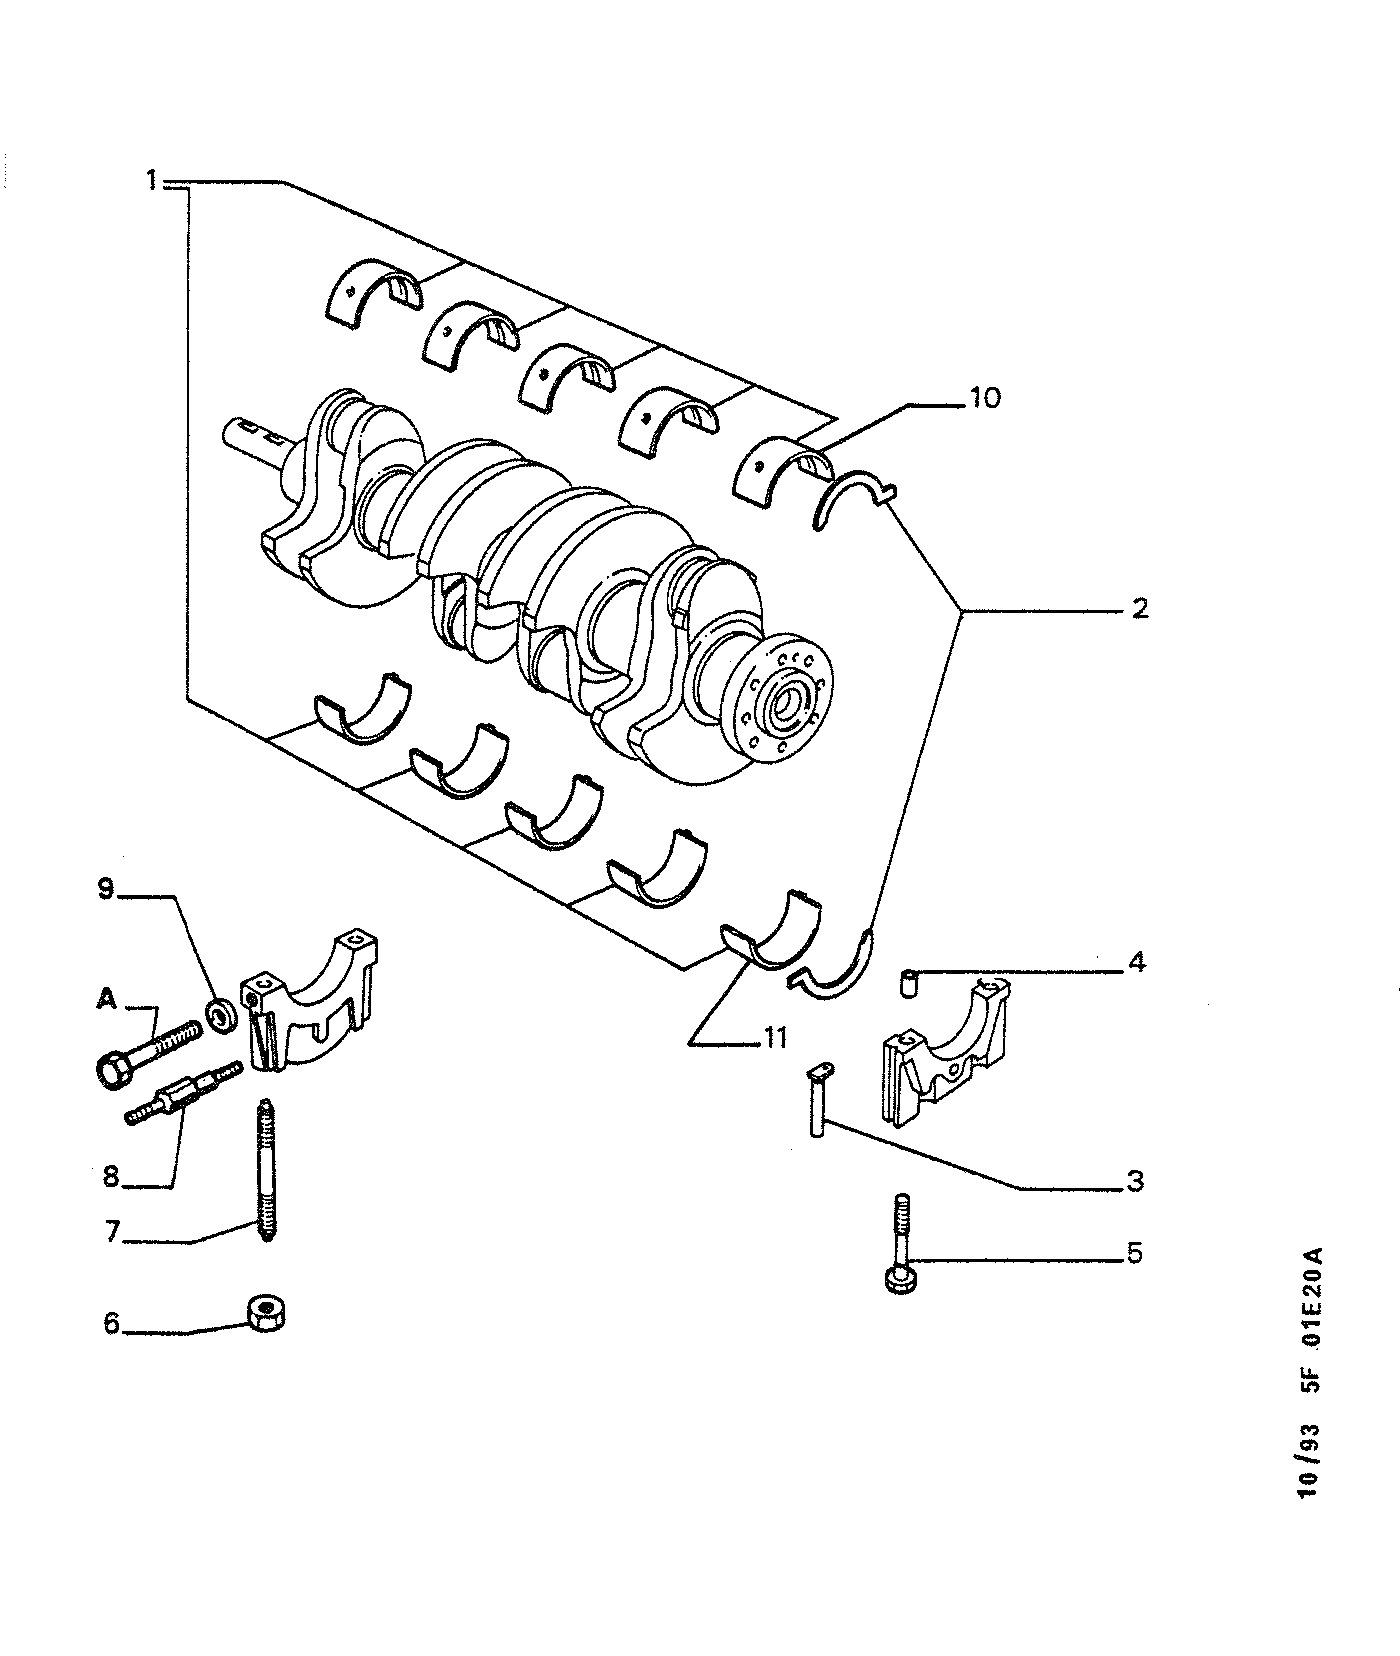 r u00e9fection compl u00e9te moteur 16 soupapes - page 2